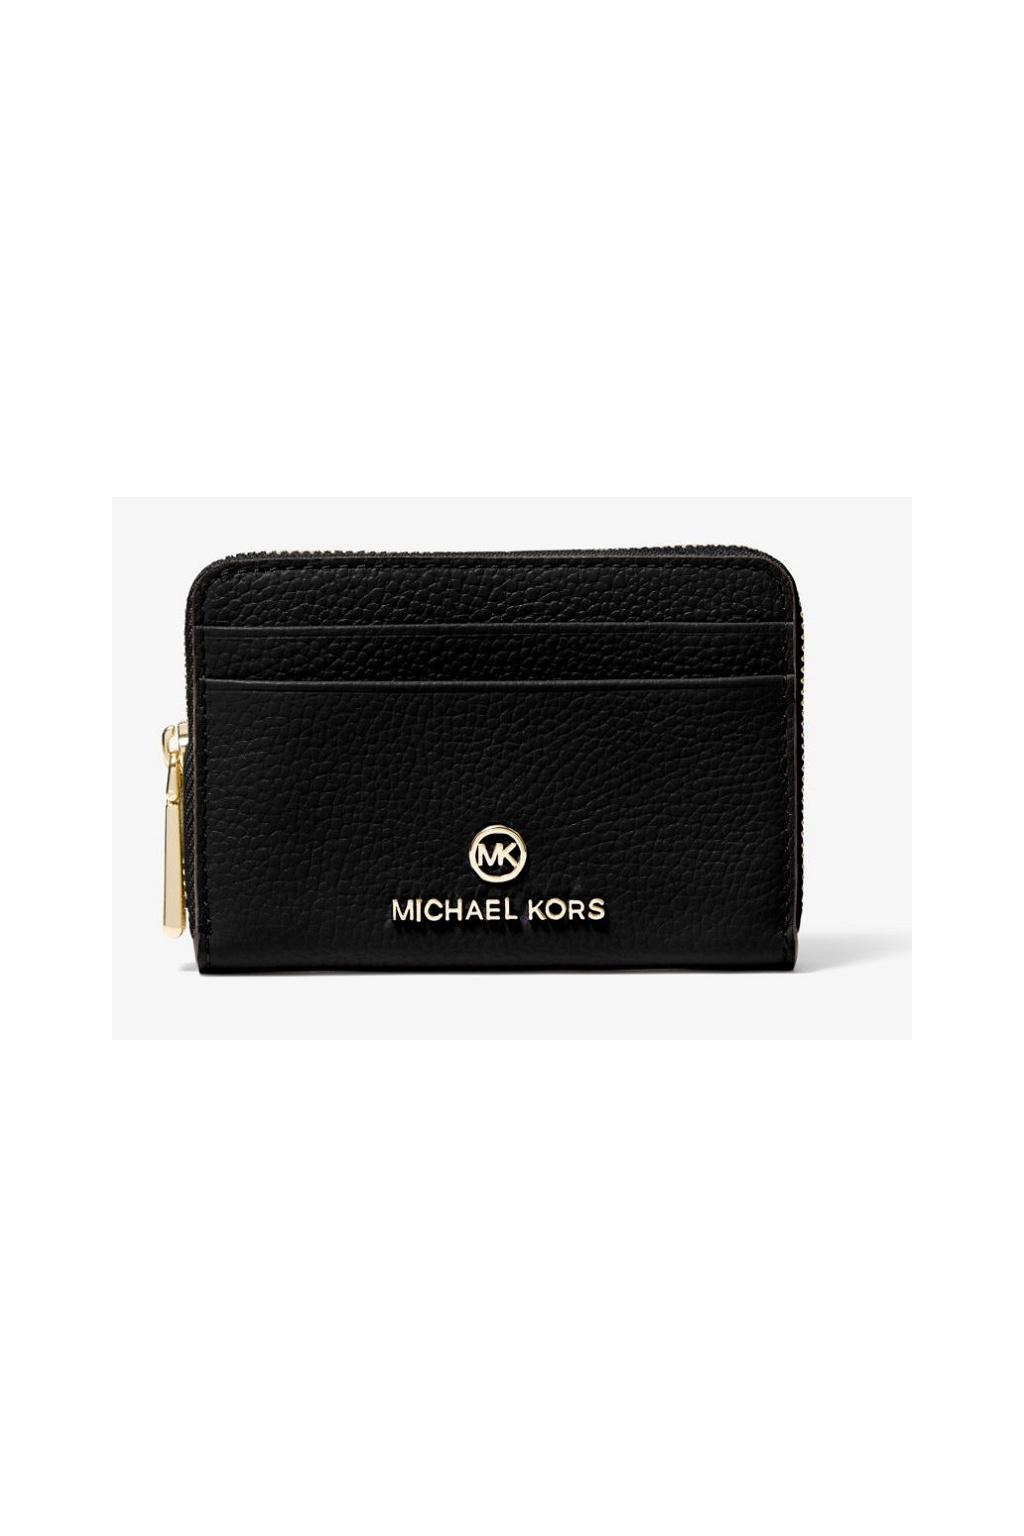 Dámská peněženka Michael Kors Jet Set 34S1GT9Z1L Small Leather černá